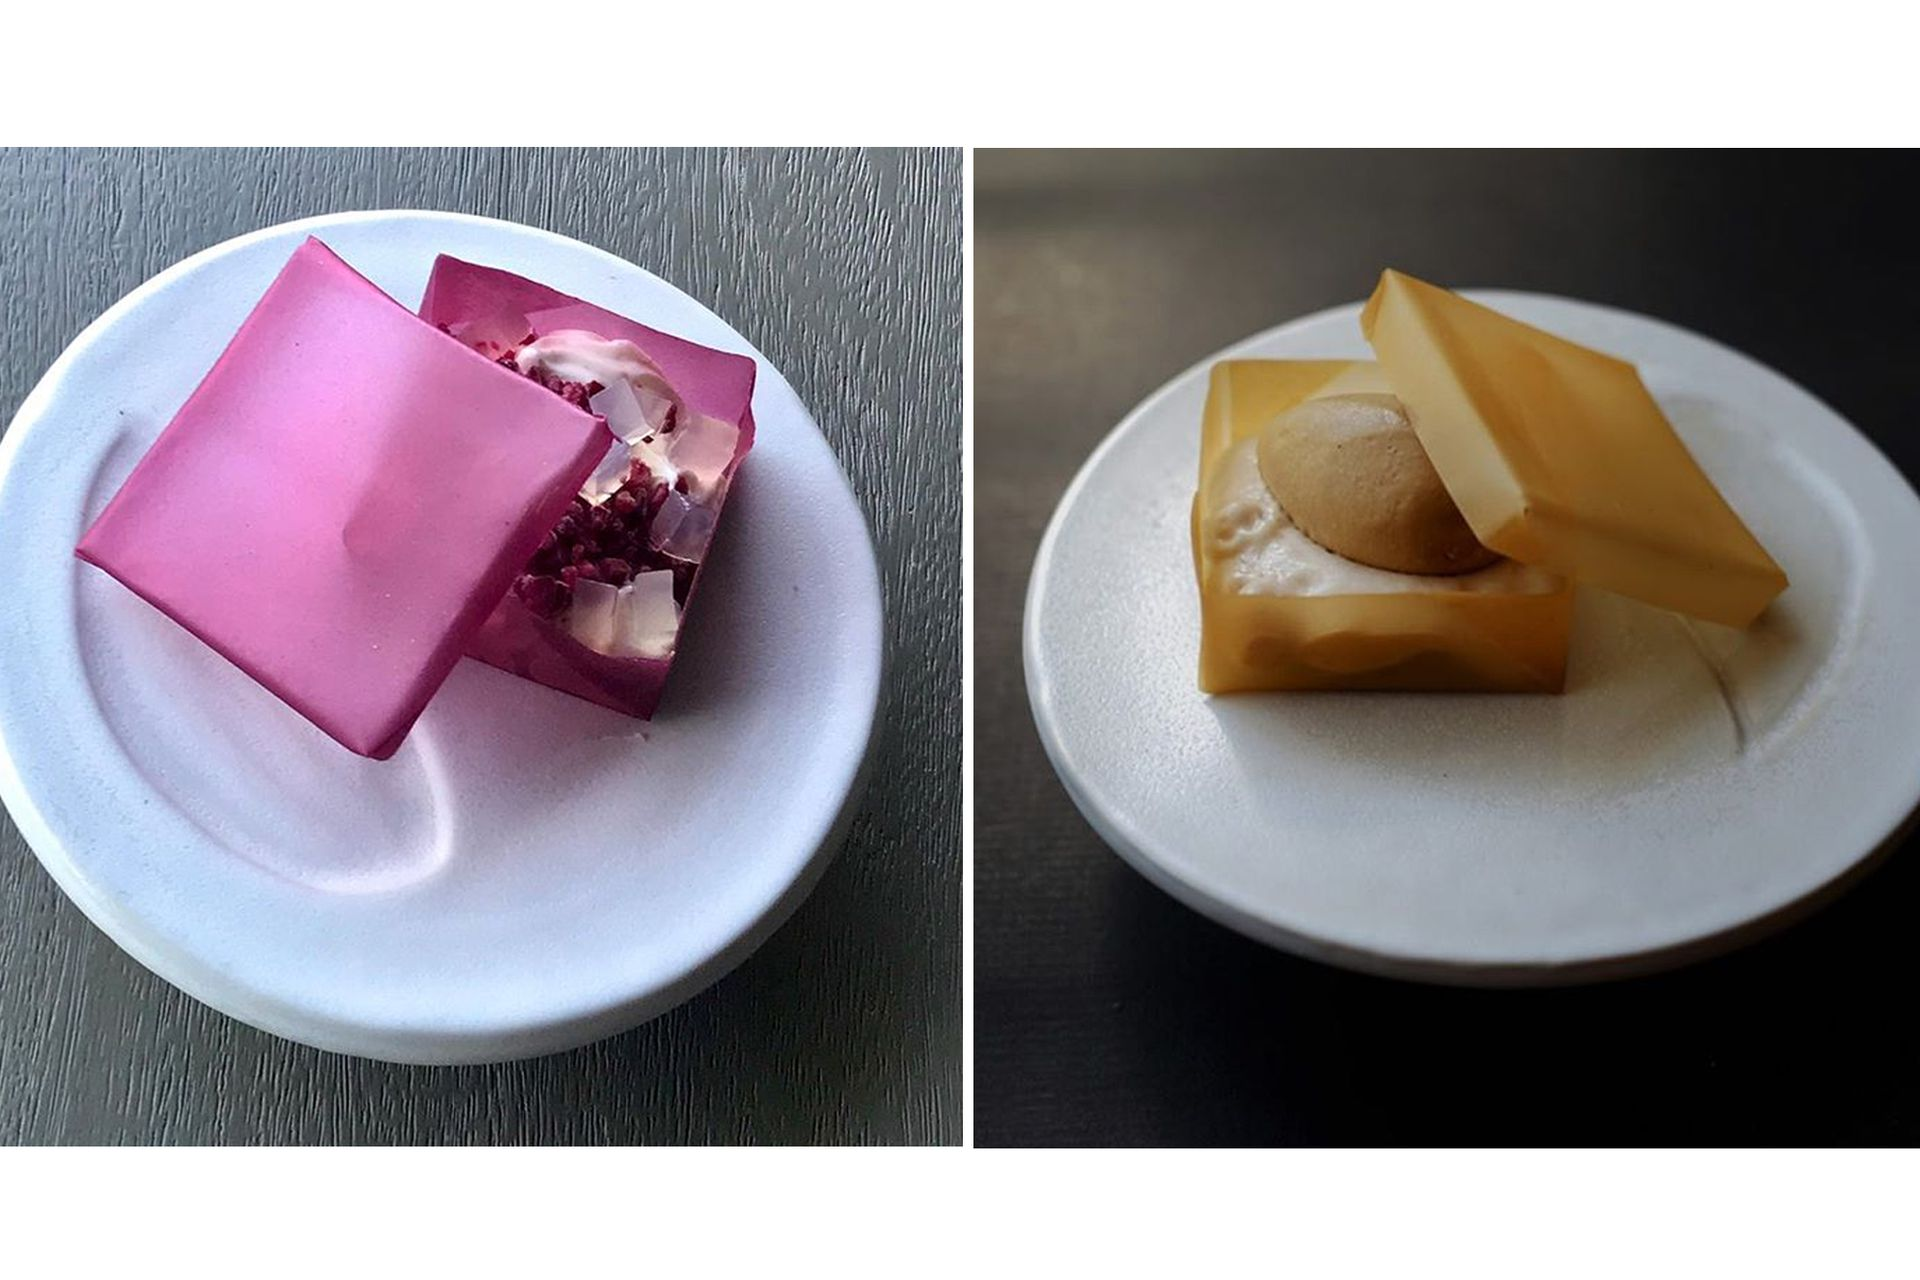 Las cajitas comestibles: de hibiscus, mousse de yogur, ganache de frambuesa y gelee de néctar de saúco y la de dulce de leche, espuma de banana, gelée de café y Bourbon con banana al caramelo y helado de dulce de leche